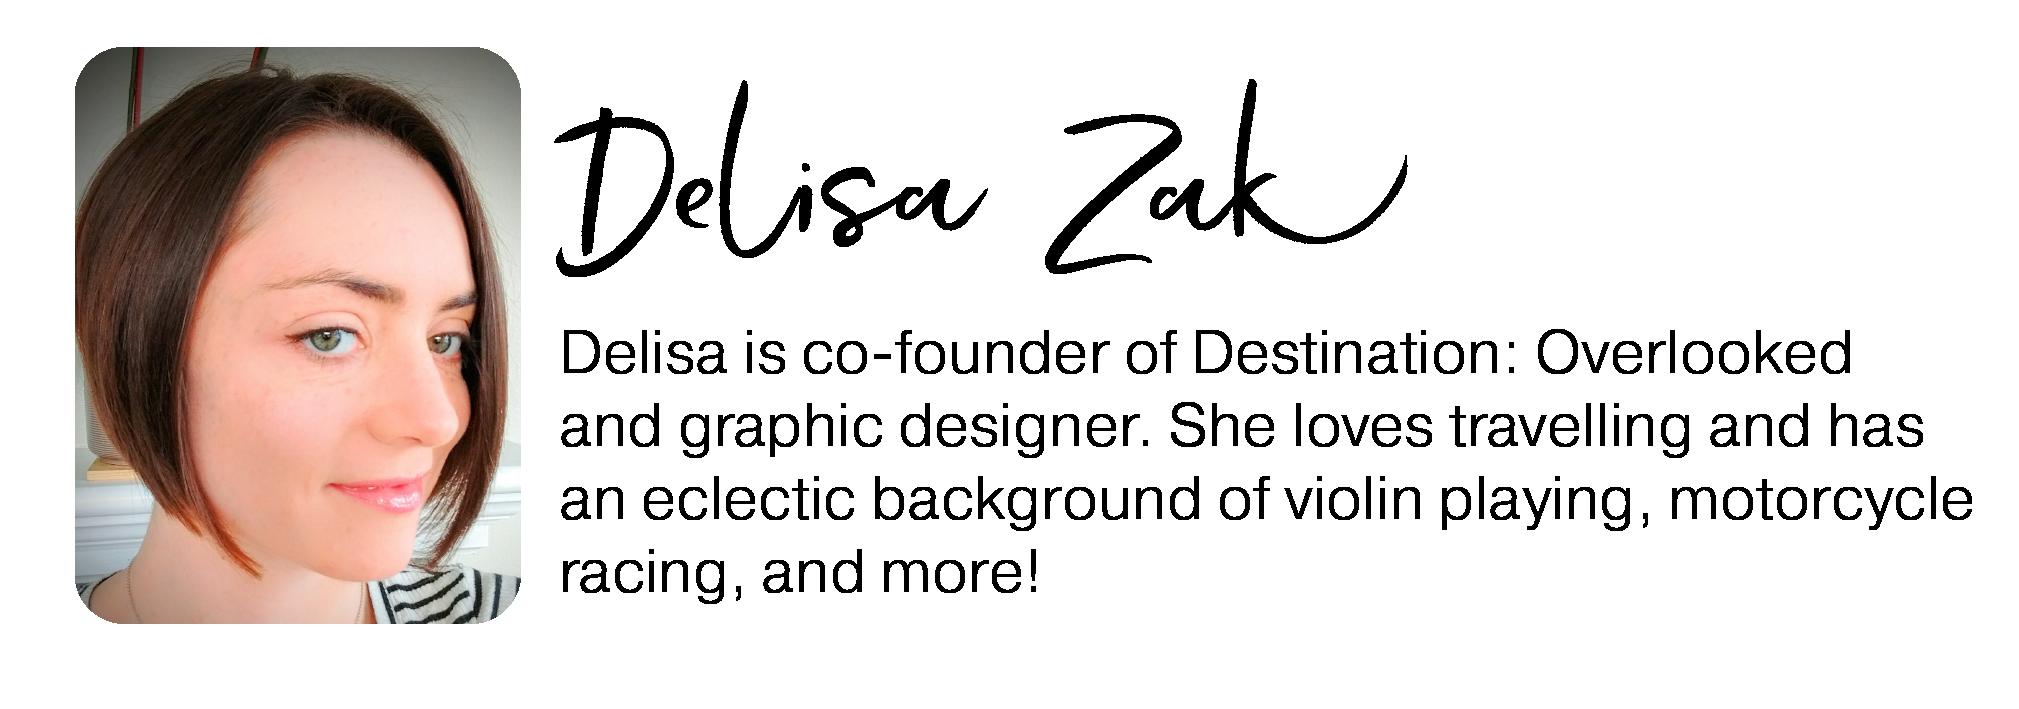 Delisa bio-01.png